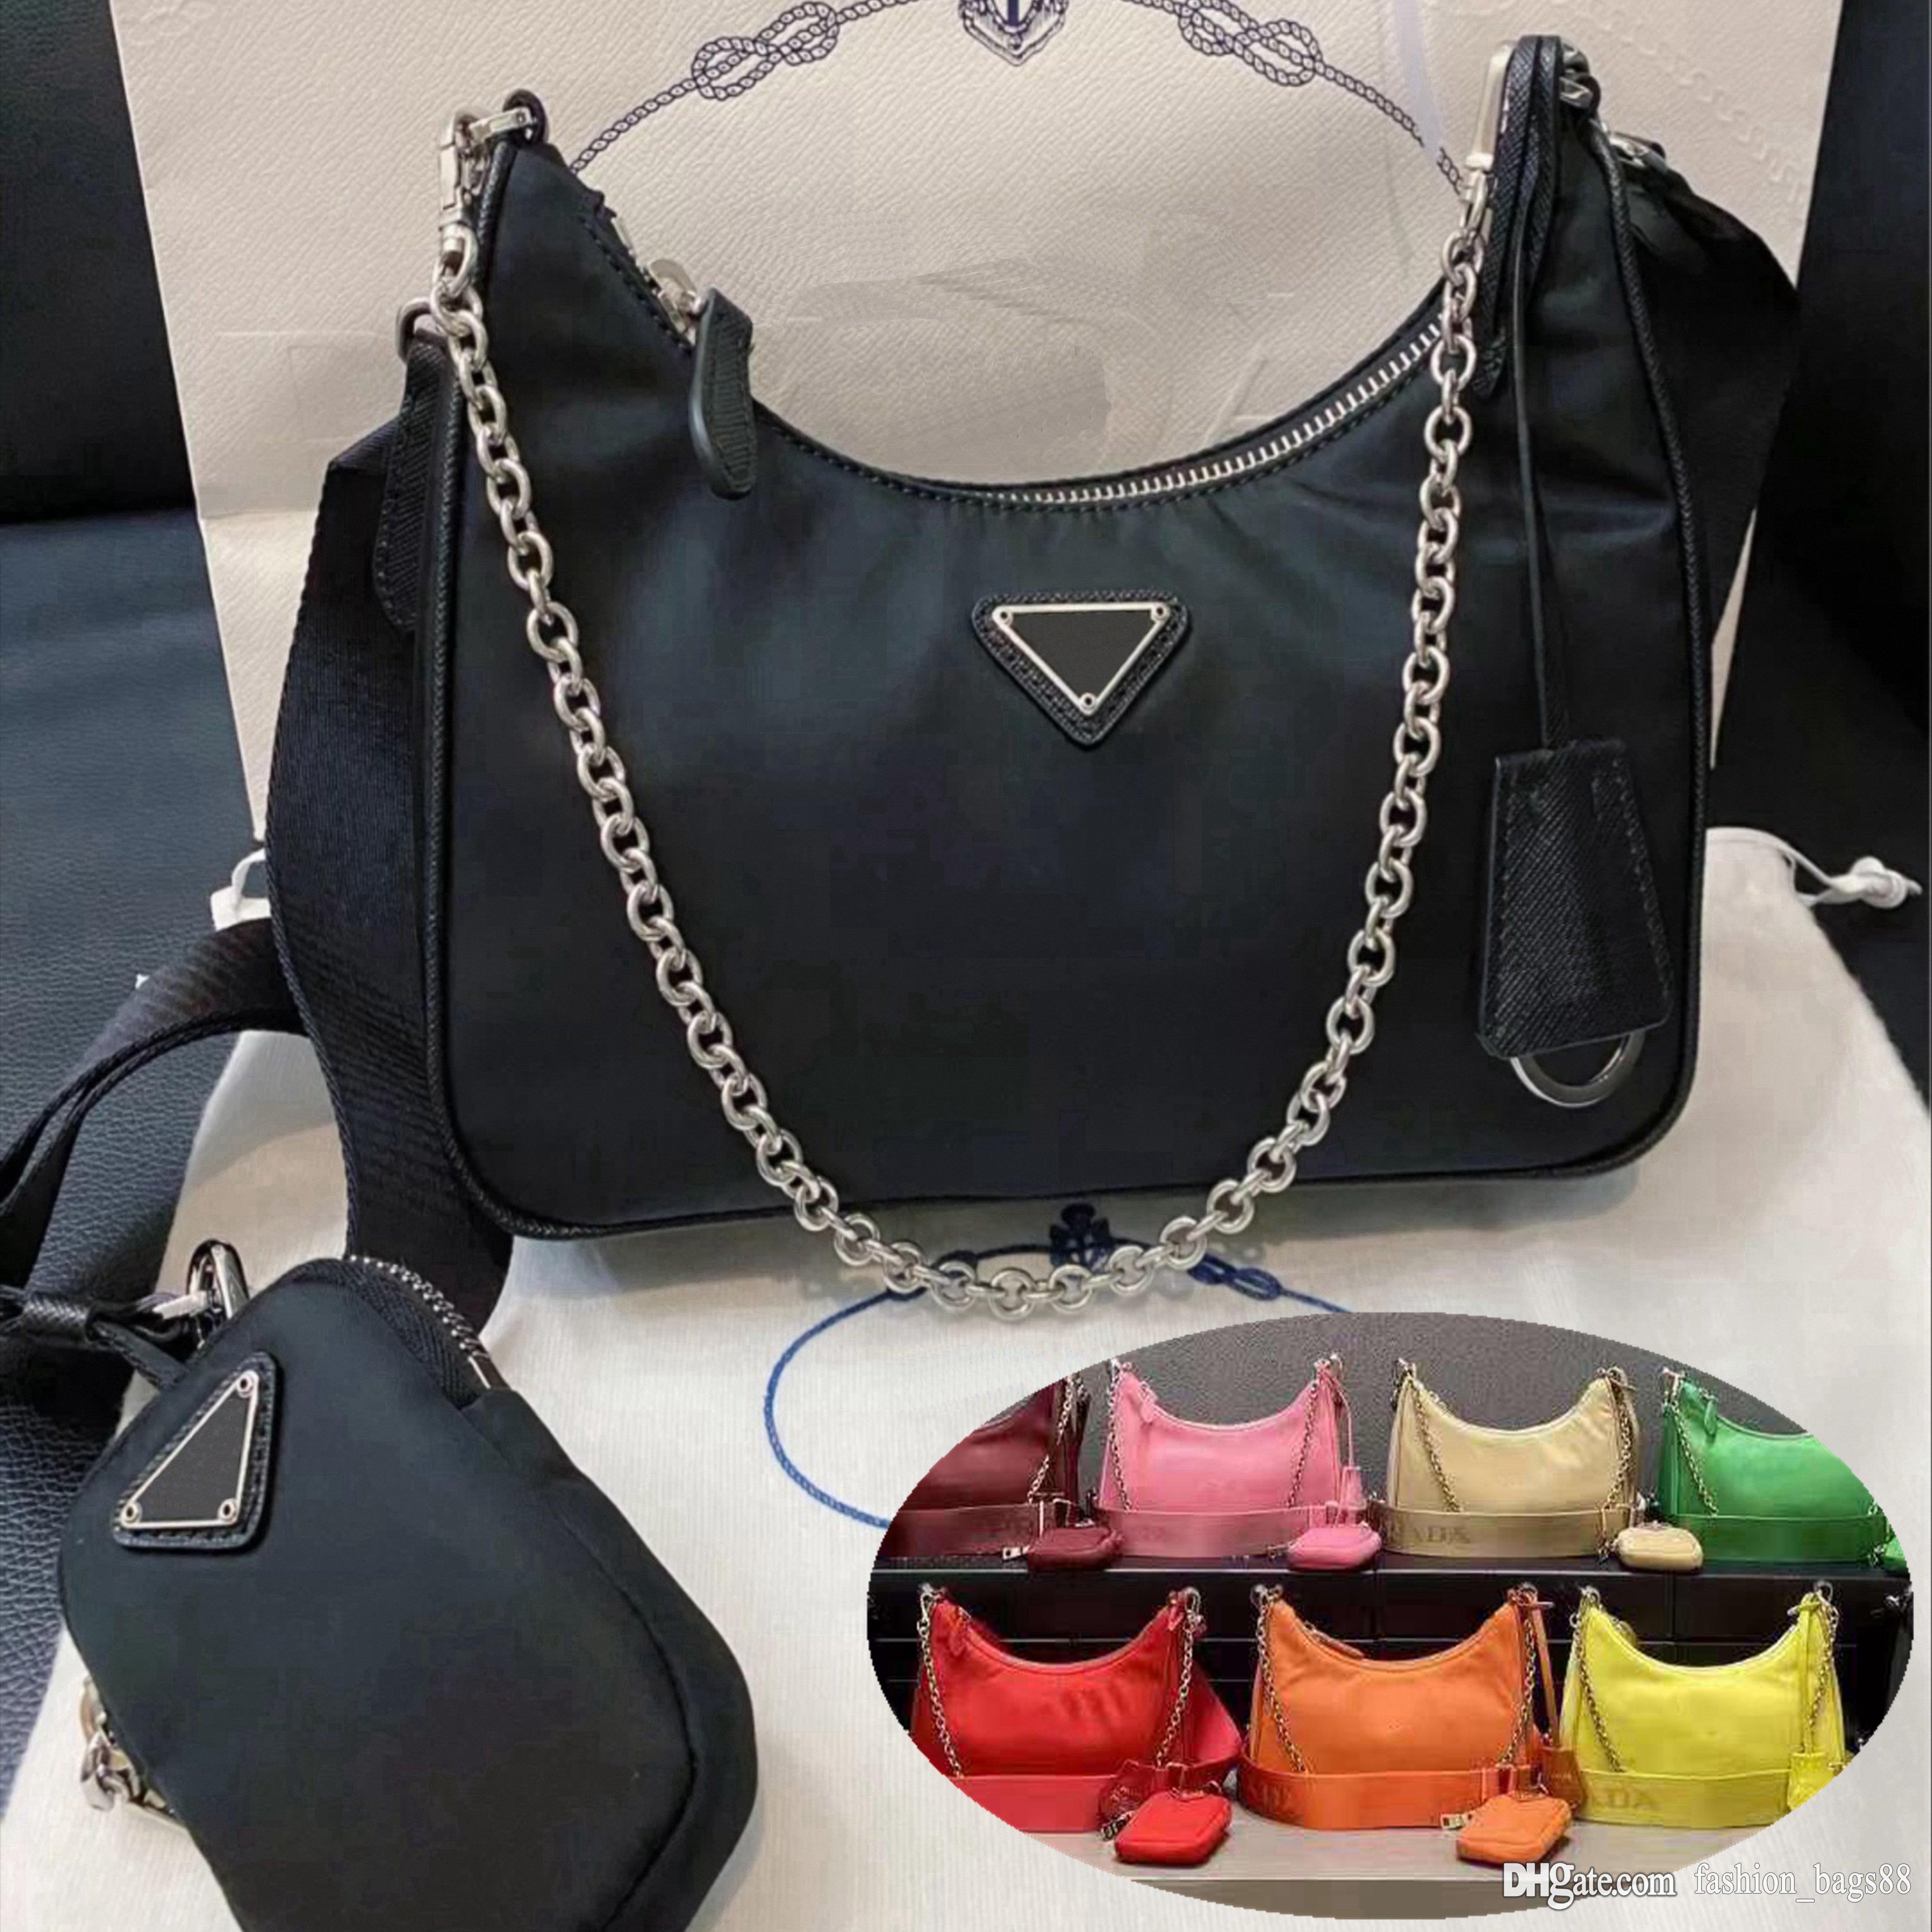 2021 moda luxurys designers sacos senhora womens edição crossbody tote re-edition 2005 nylon hobo ombro mulheres bolsas bolsas pu bolsa carteira carteira e caixa